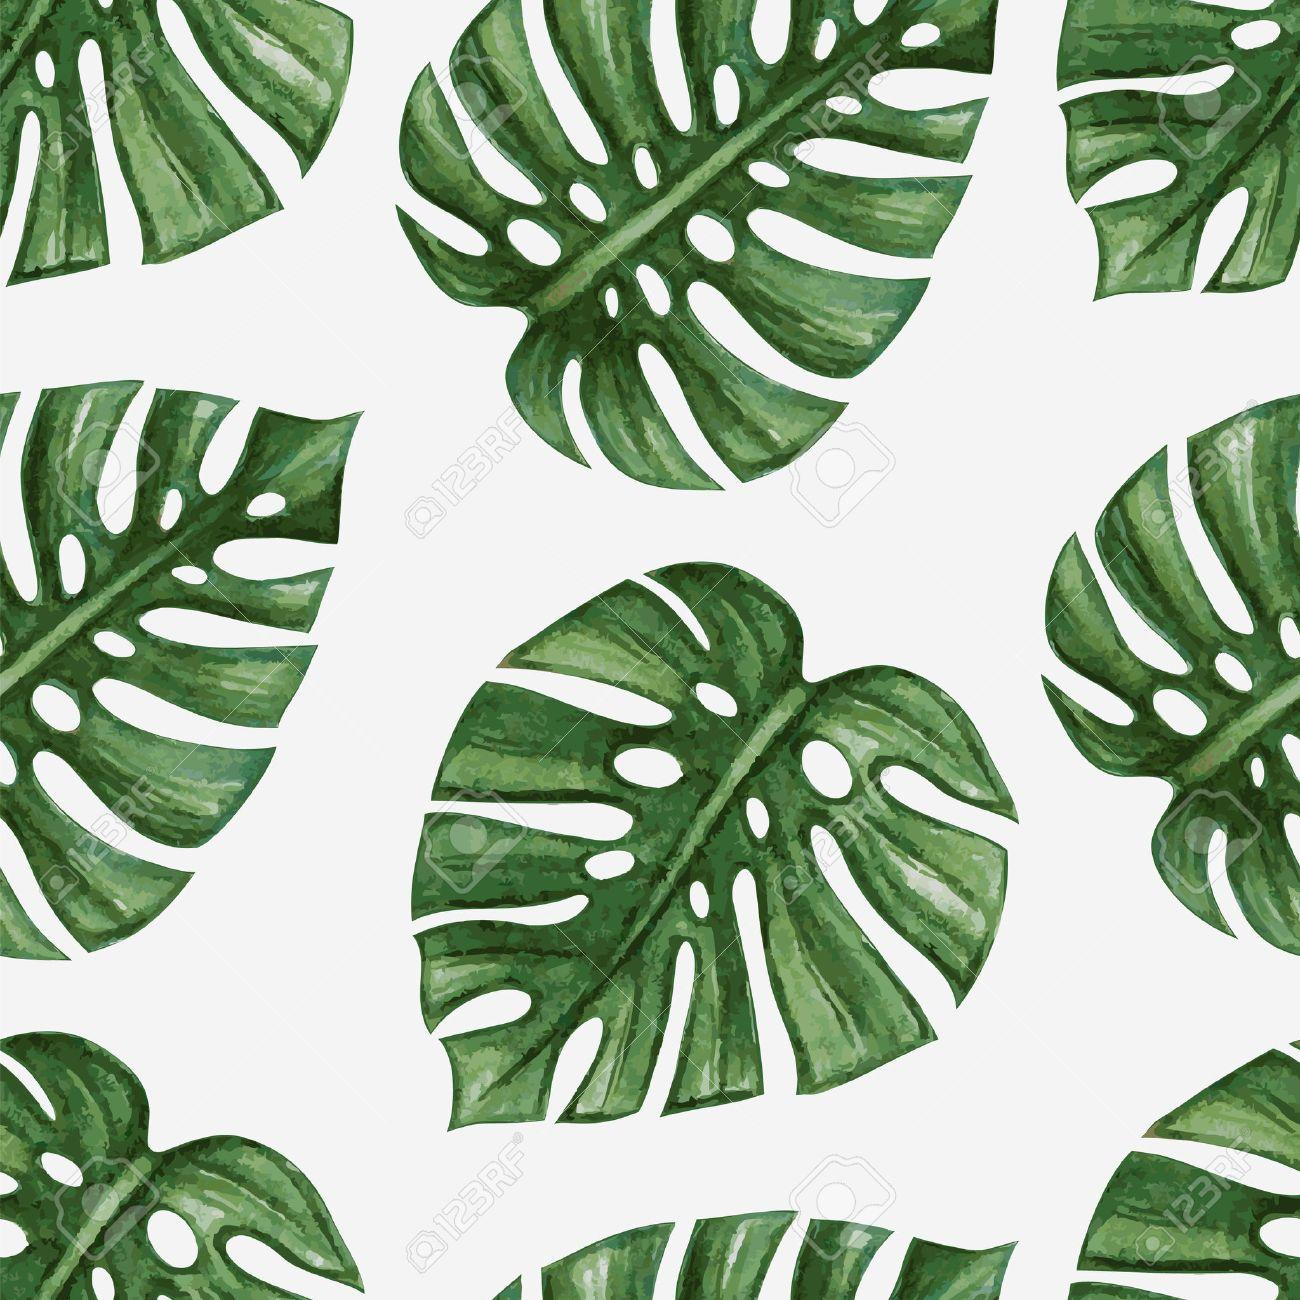 Aquarell Tropische Palmen Blatter Nahtlose Muster Lizenzfrei